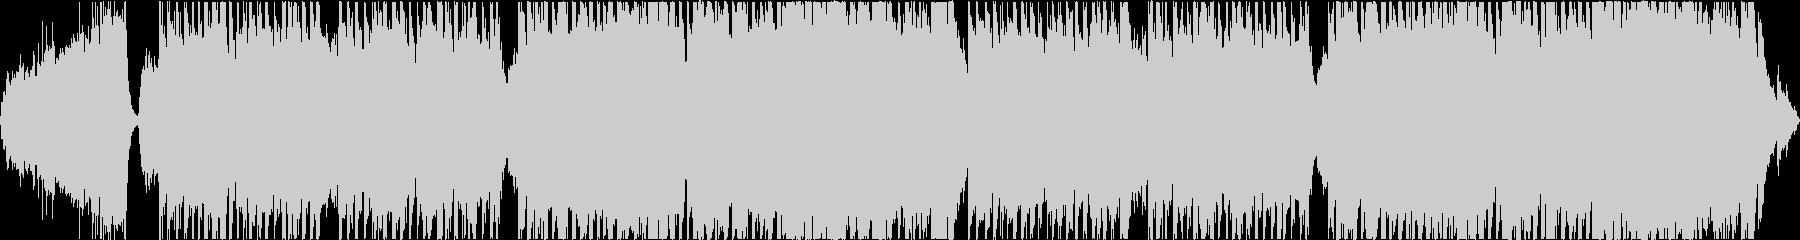 序盤のバトル系の軽快なオーケストラの未再生の波形